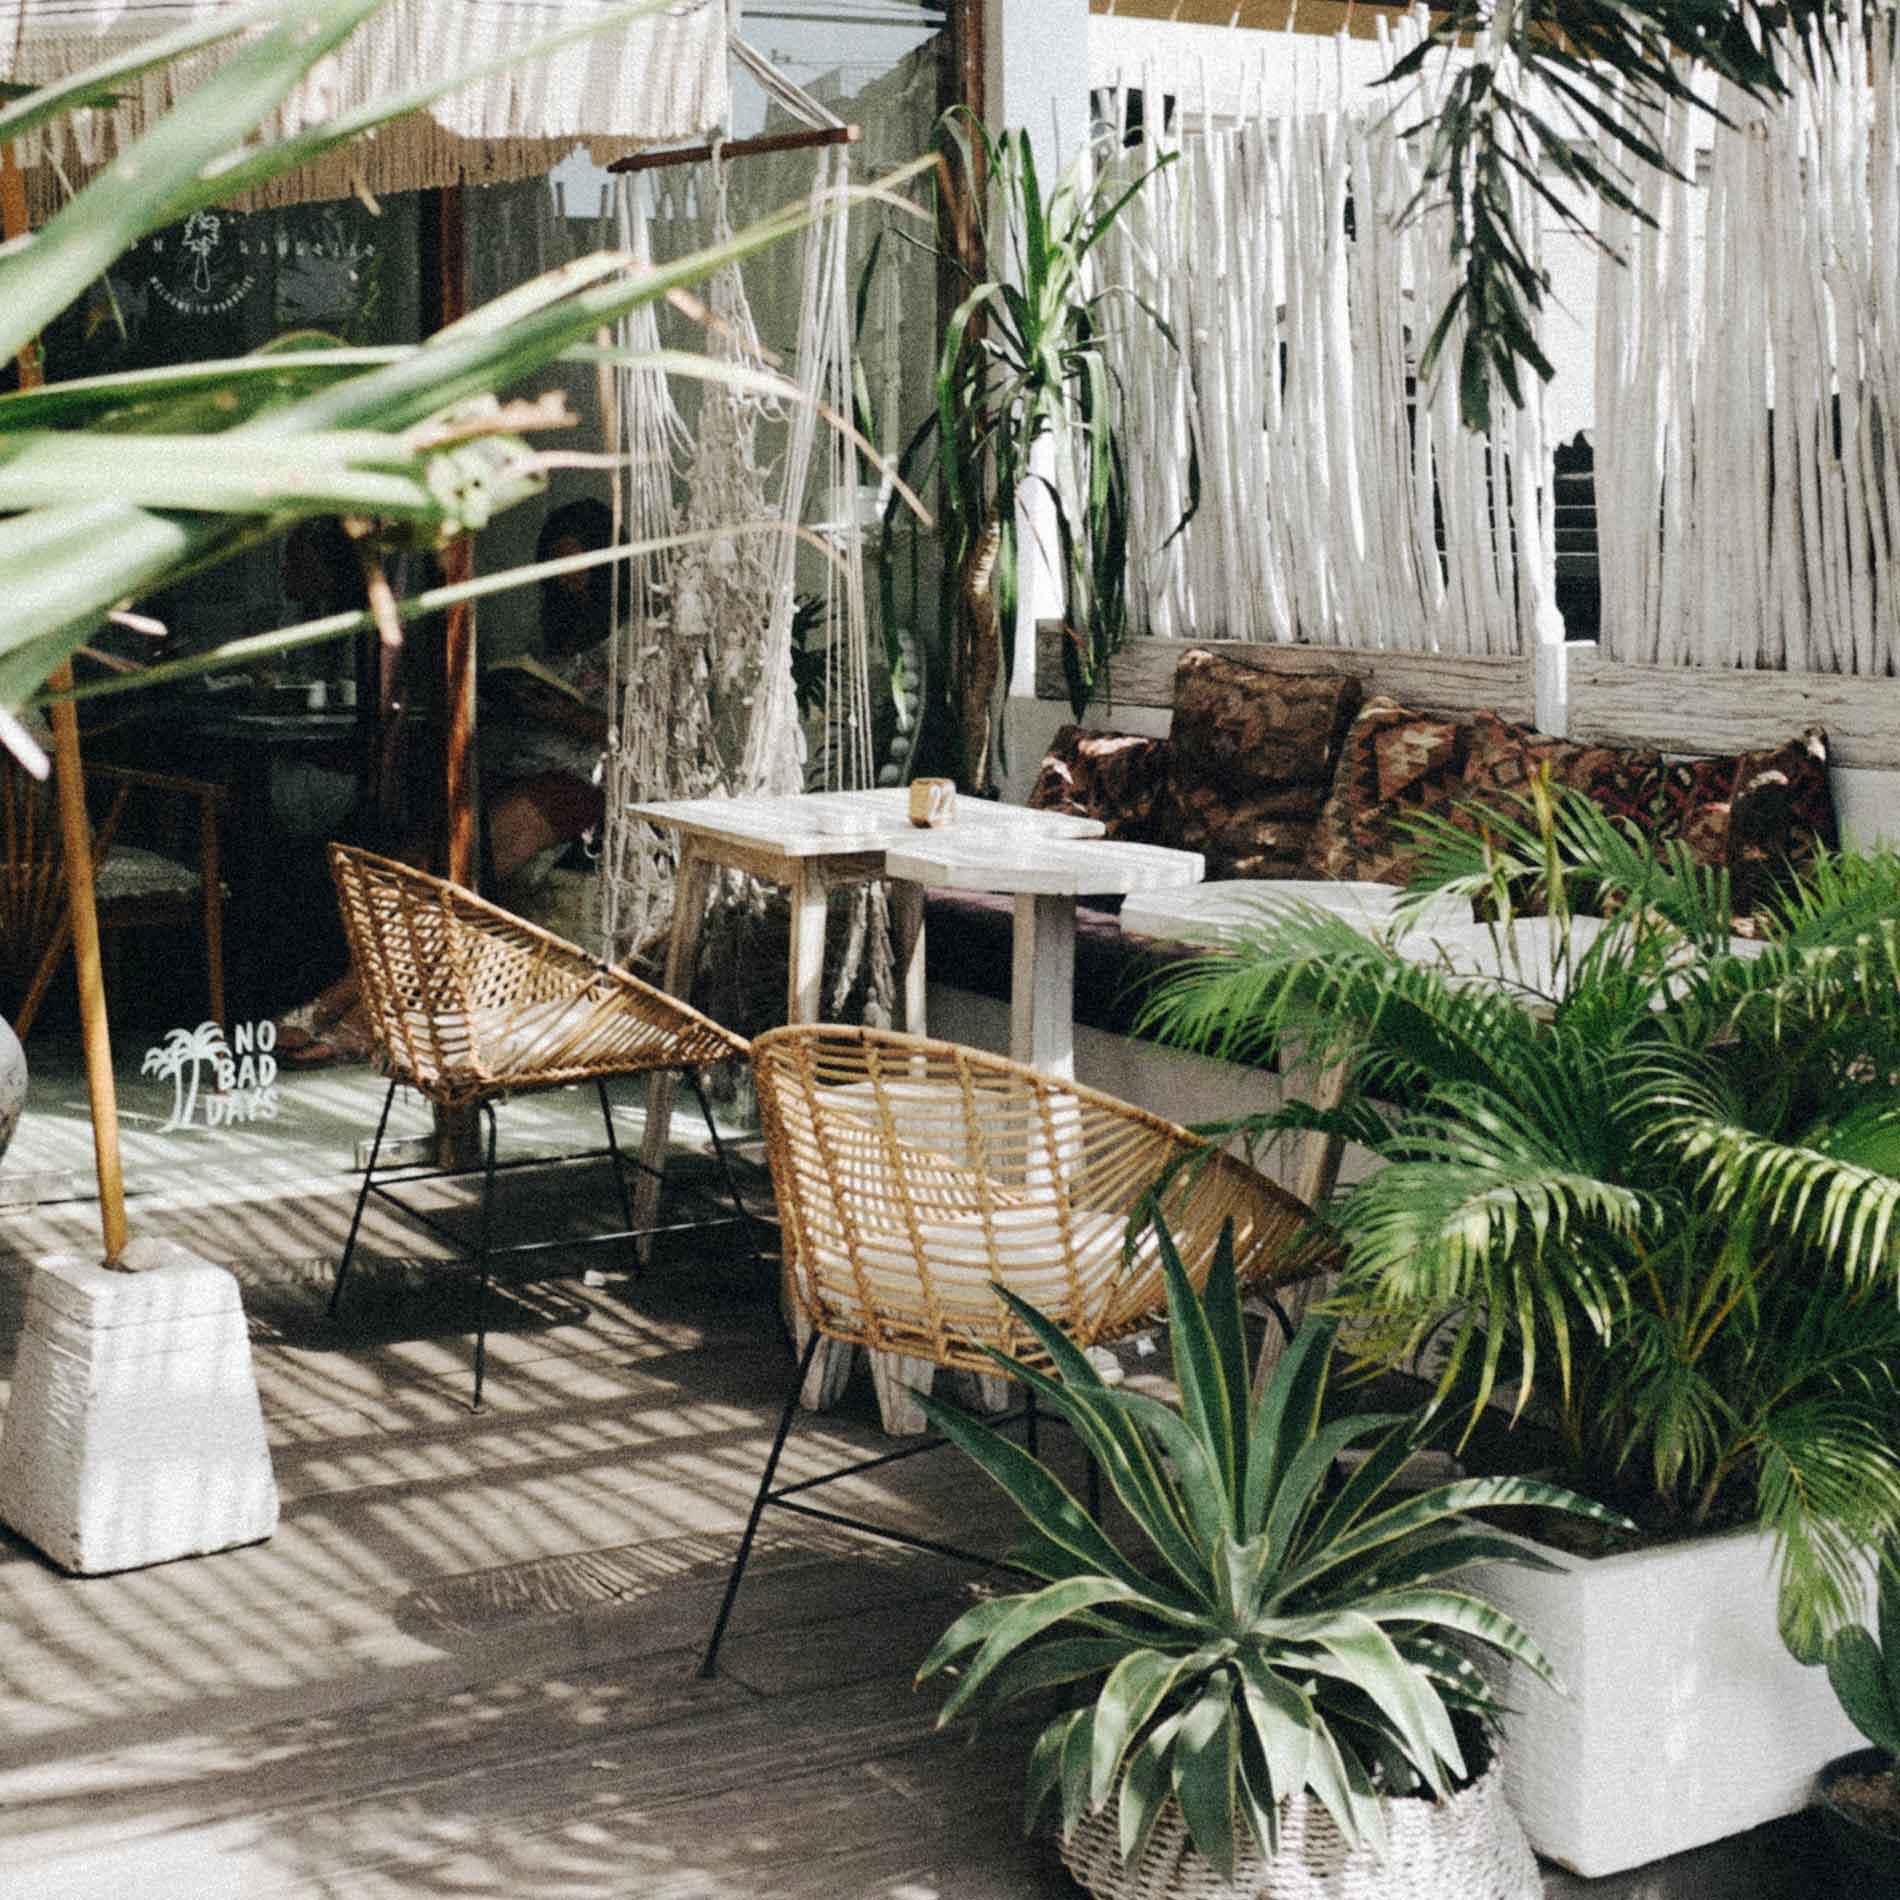 Gestaltungsideen für den Balkon, Gestaltungsideen für den Garten, Gartenmöbel, Accessoires für den Balkon, Gestaltungsideen für die Terrasse, Garten, Balkon, Terrasse, Balkon einrichten, Terrasse einrichten, Inspiration für den Außenbereich